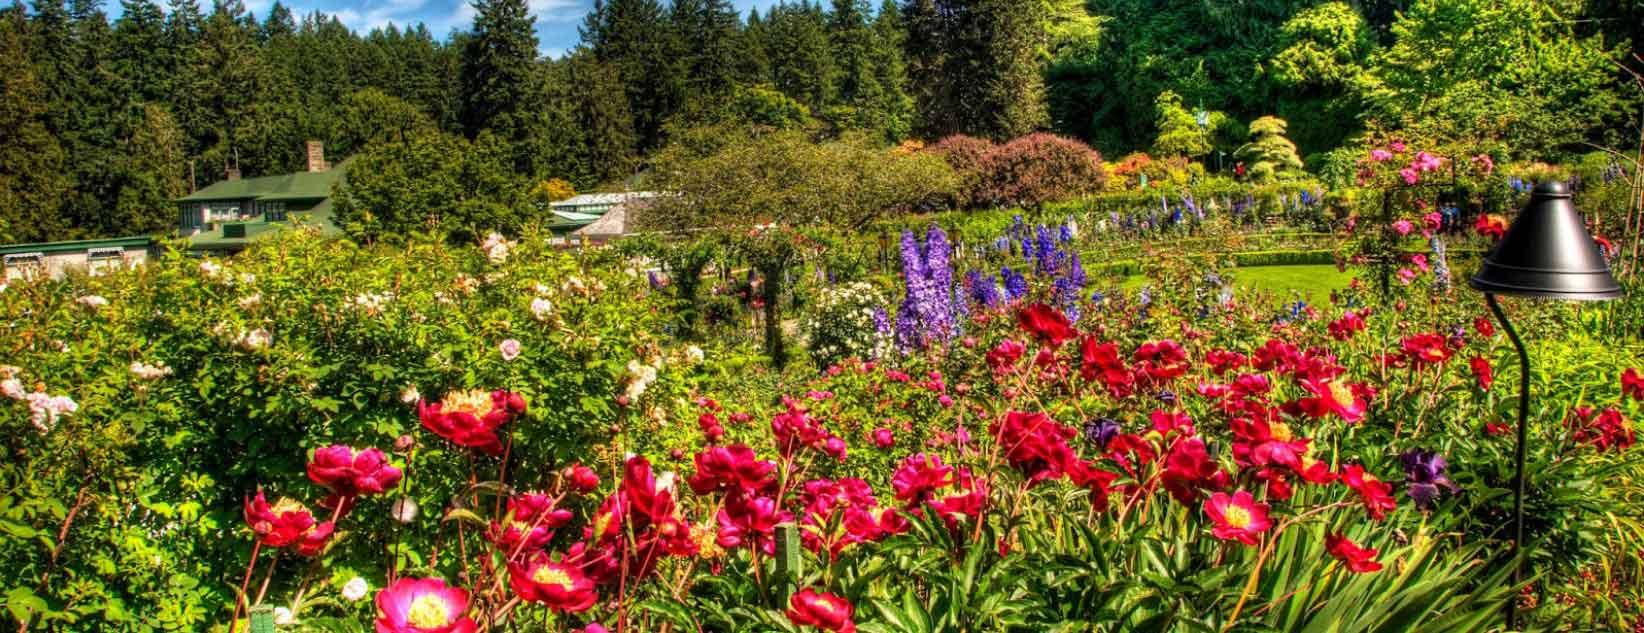 Jardiner a y ornamentacion grupo jomar for Ornamentacion de jardines